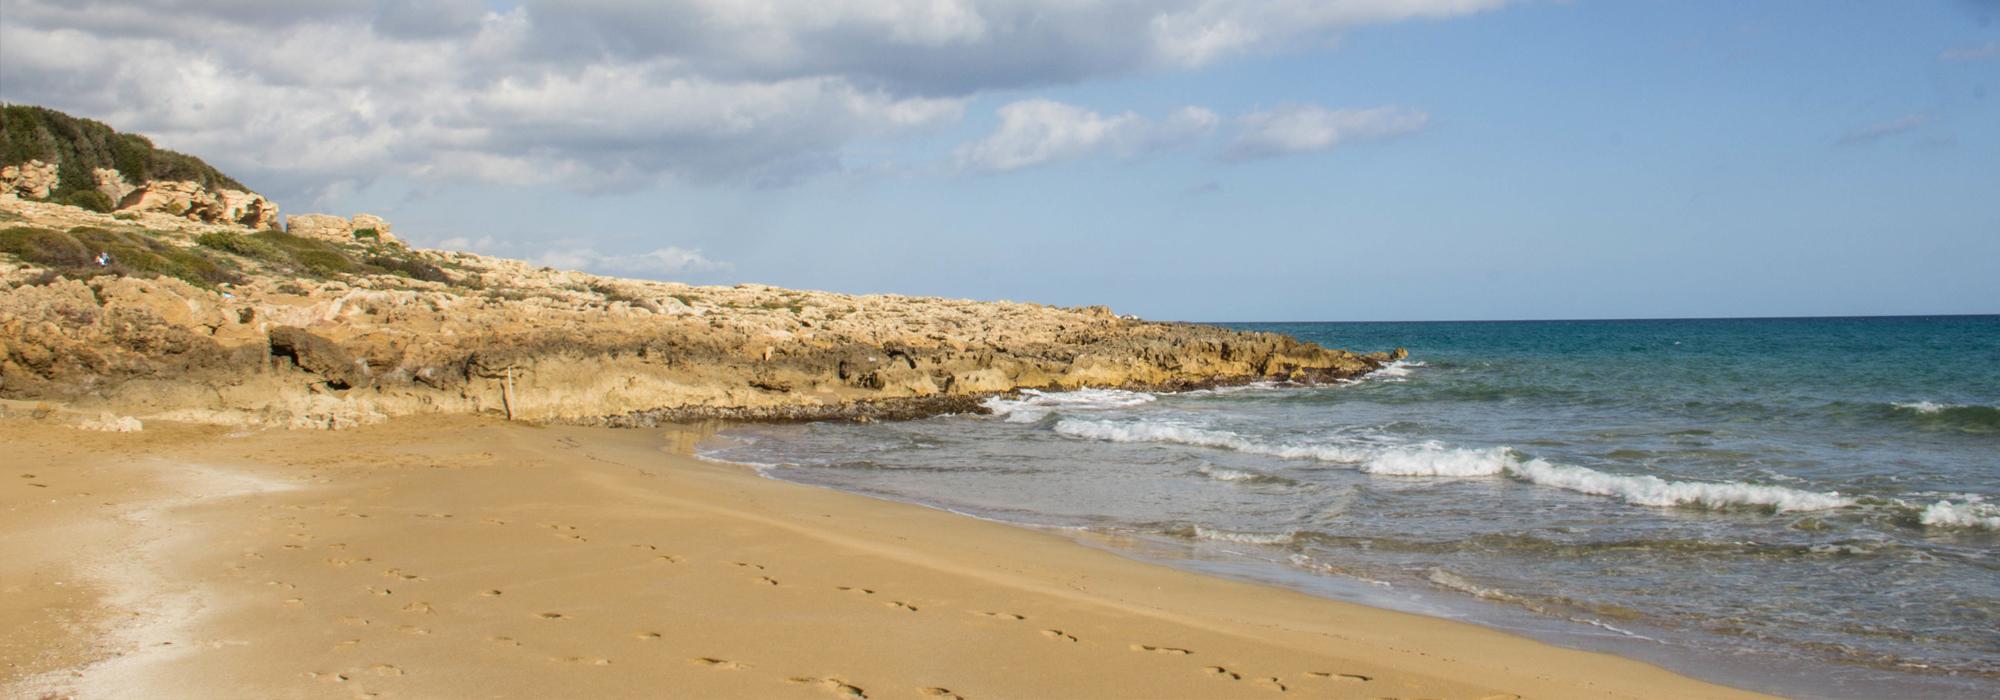 Le spiagge più belle della Sicilia ricordano spesso luoghi da cartolina…